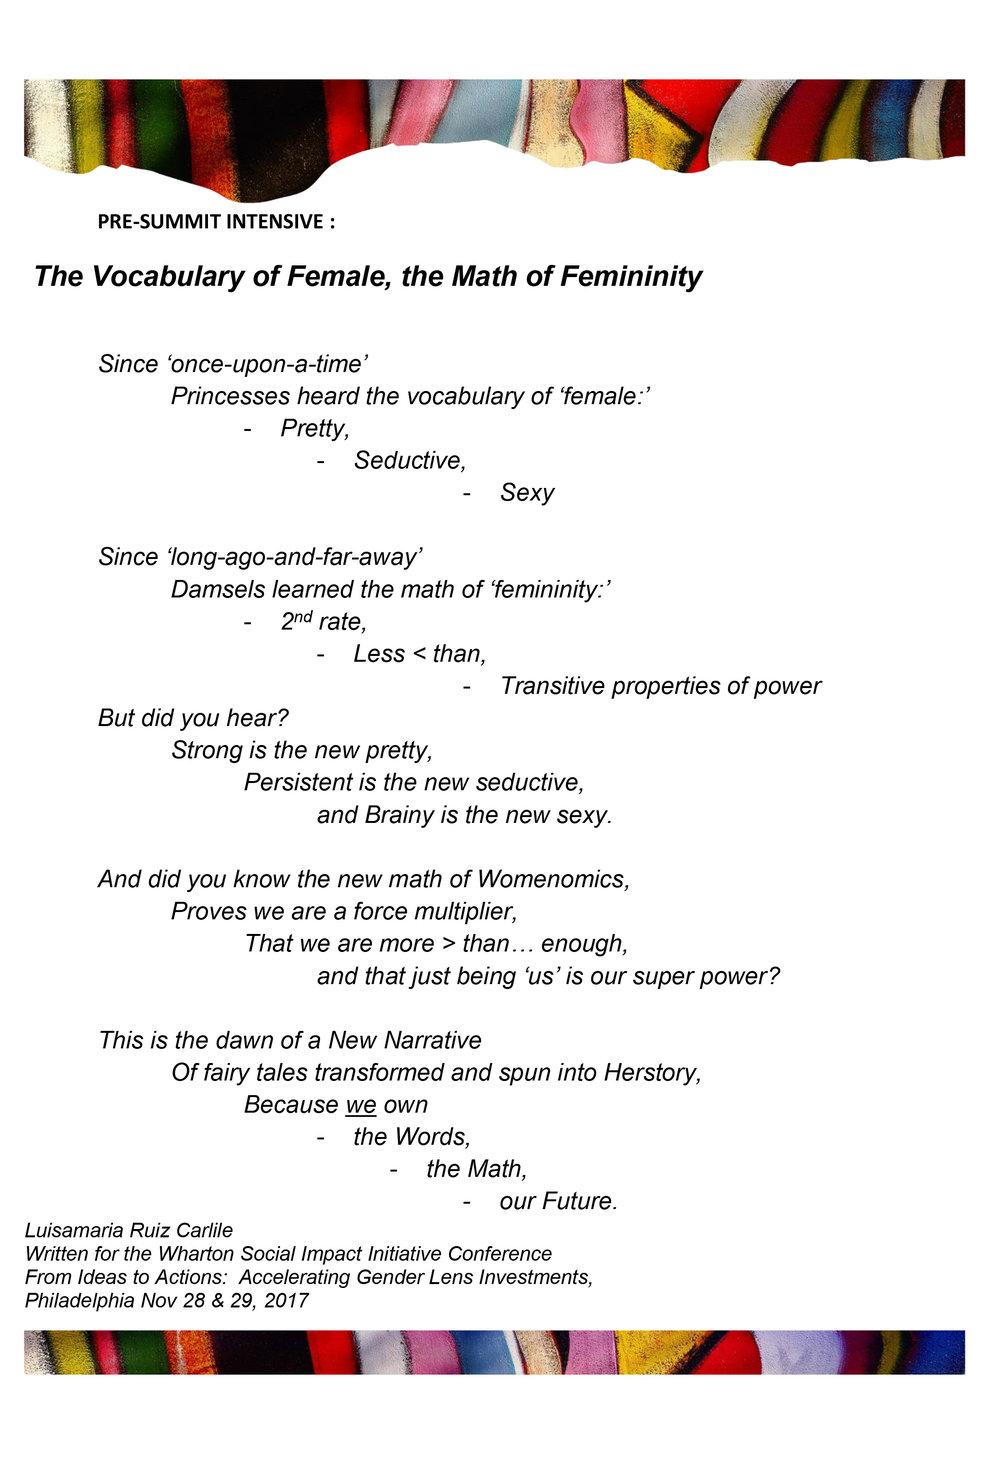 Gender-Smart_Investing_Summit_Poetry_LM Ruiz Carlile-2.jpg